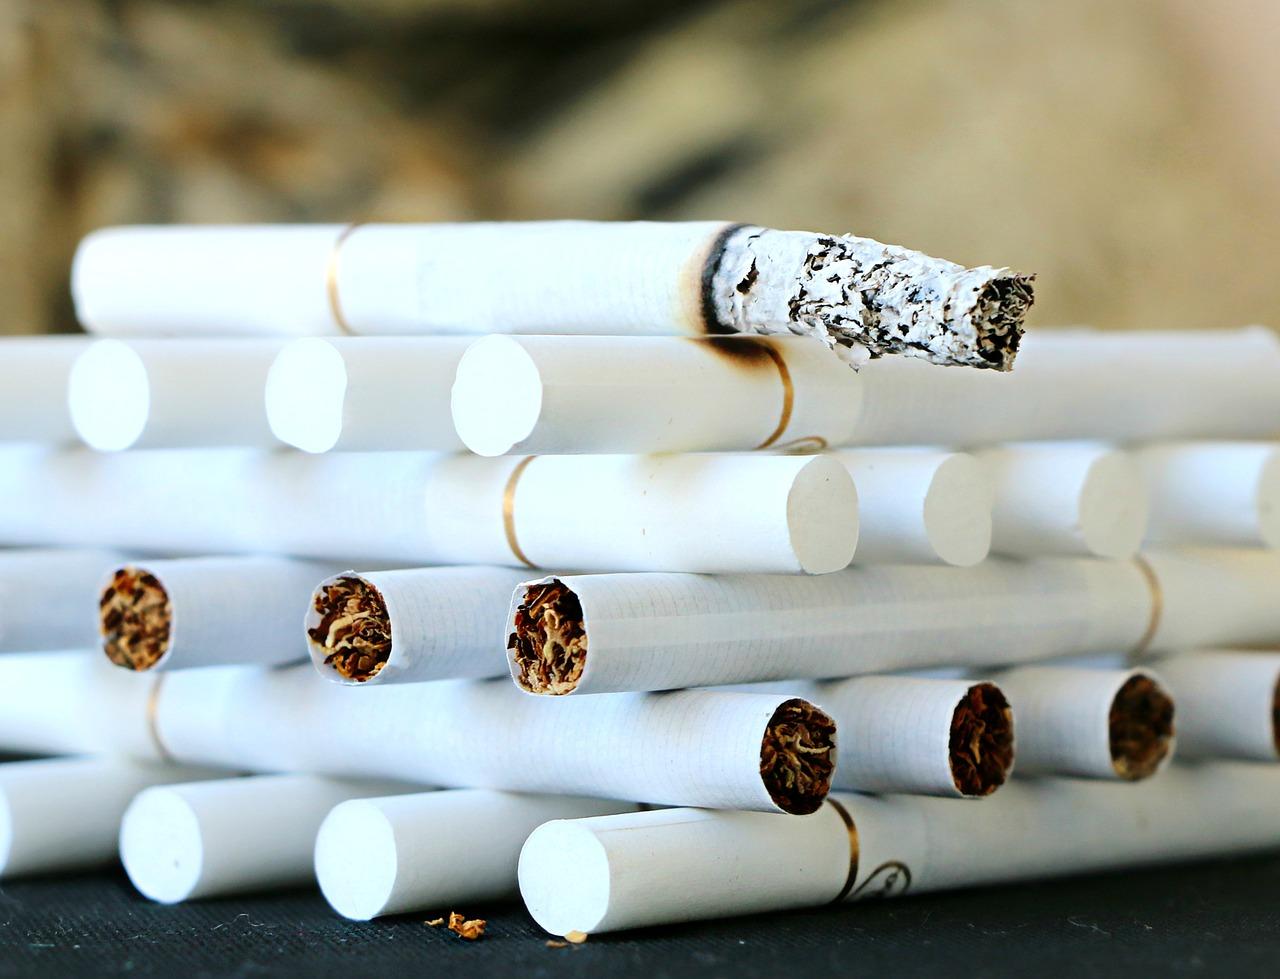 0dfdd2649bab427106a3434fe1e12c56 - 【ニュース】セッタ、メビウス、しんせい、キャメルが販売停止?JTが続々と紙巻タバコを終了へ